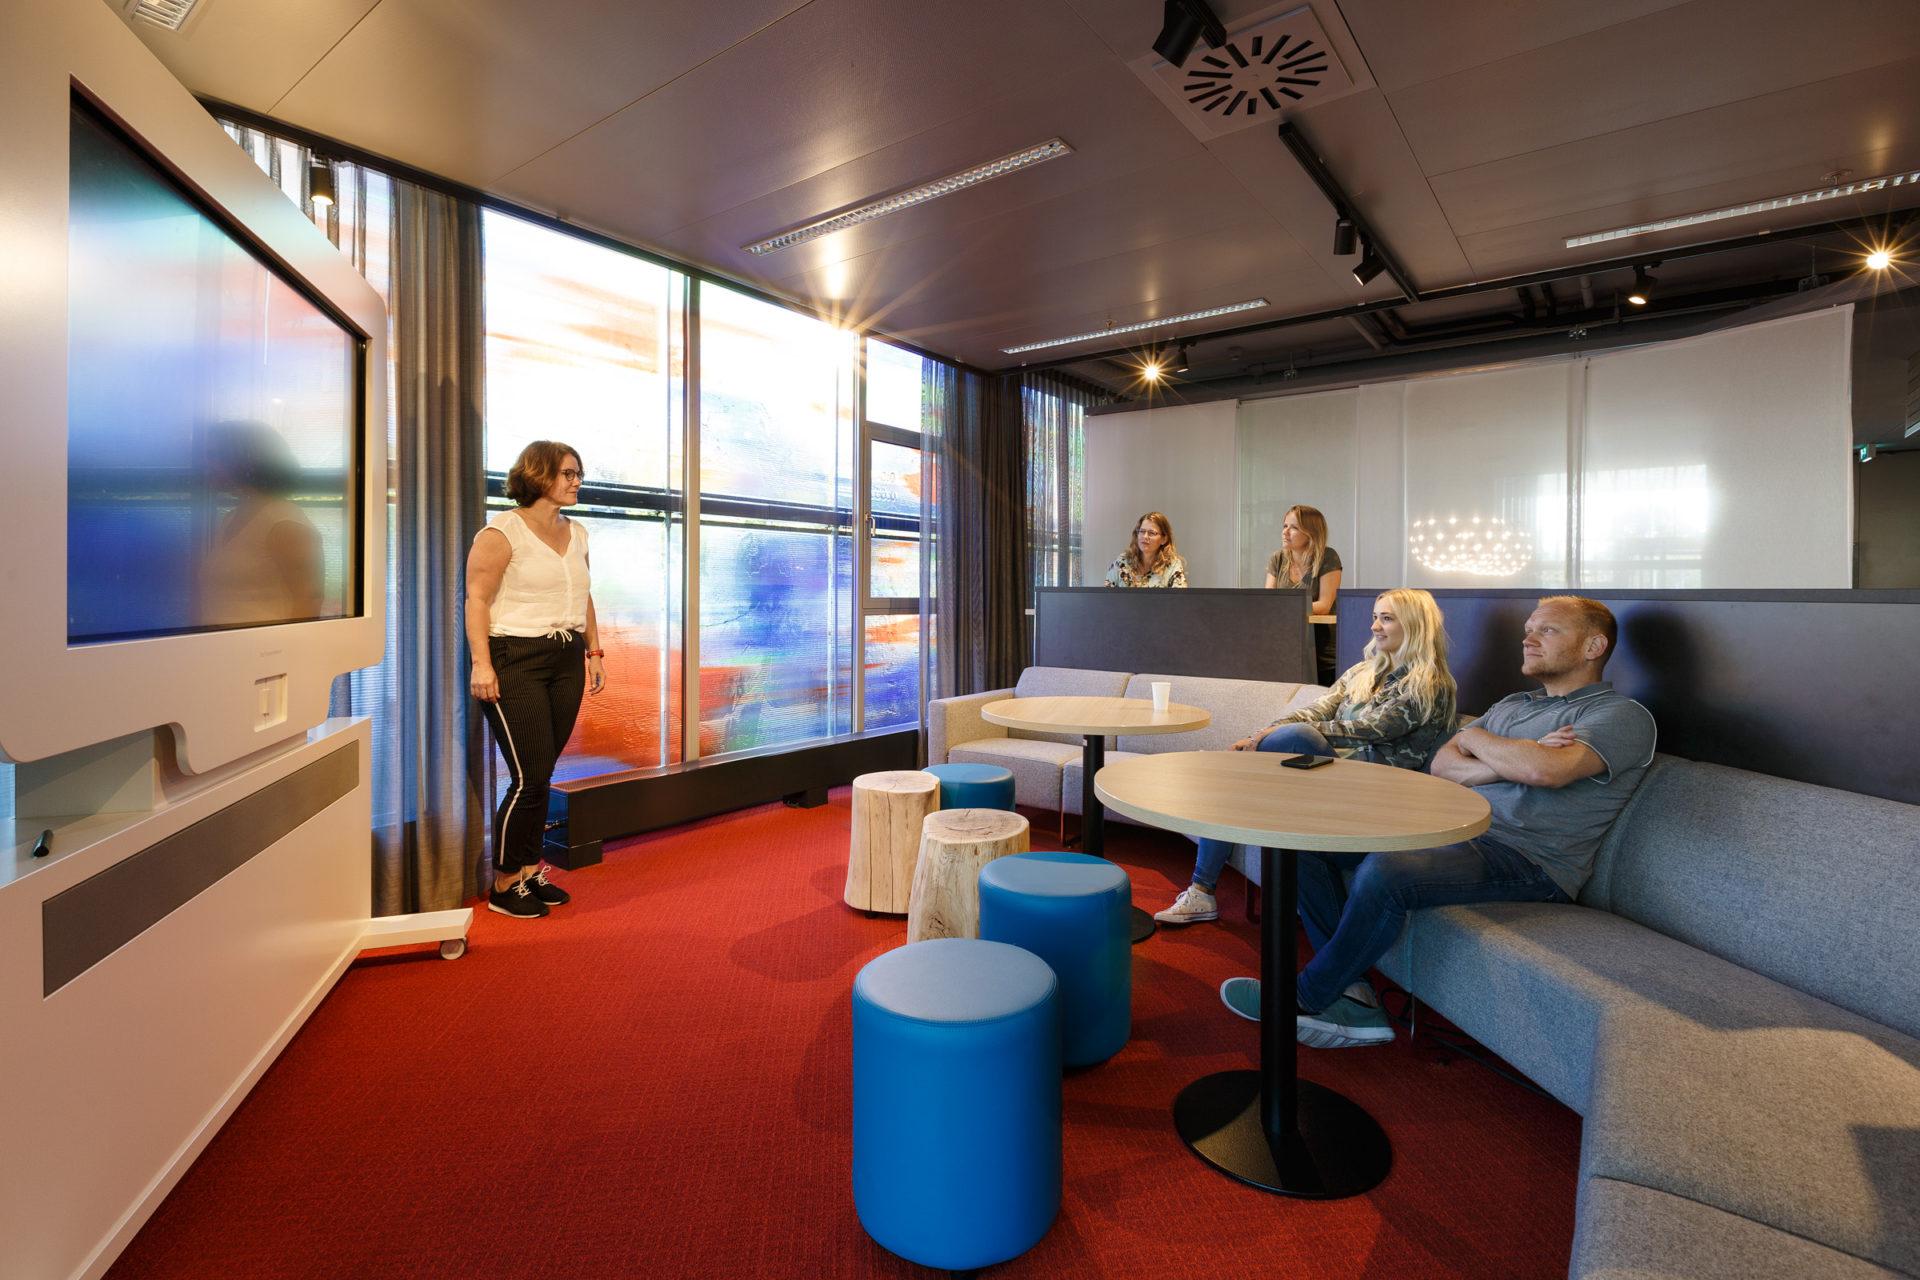 Topperprojecten - Nederlands Instituut voor Beeld en Geluid 17